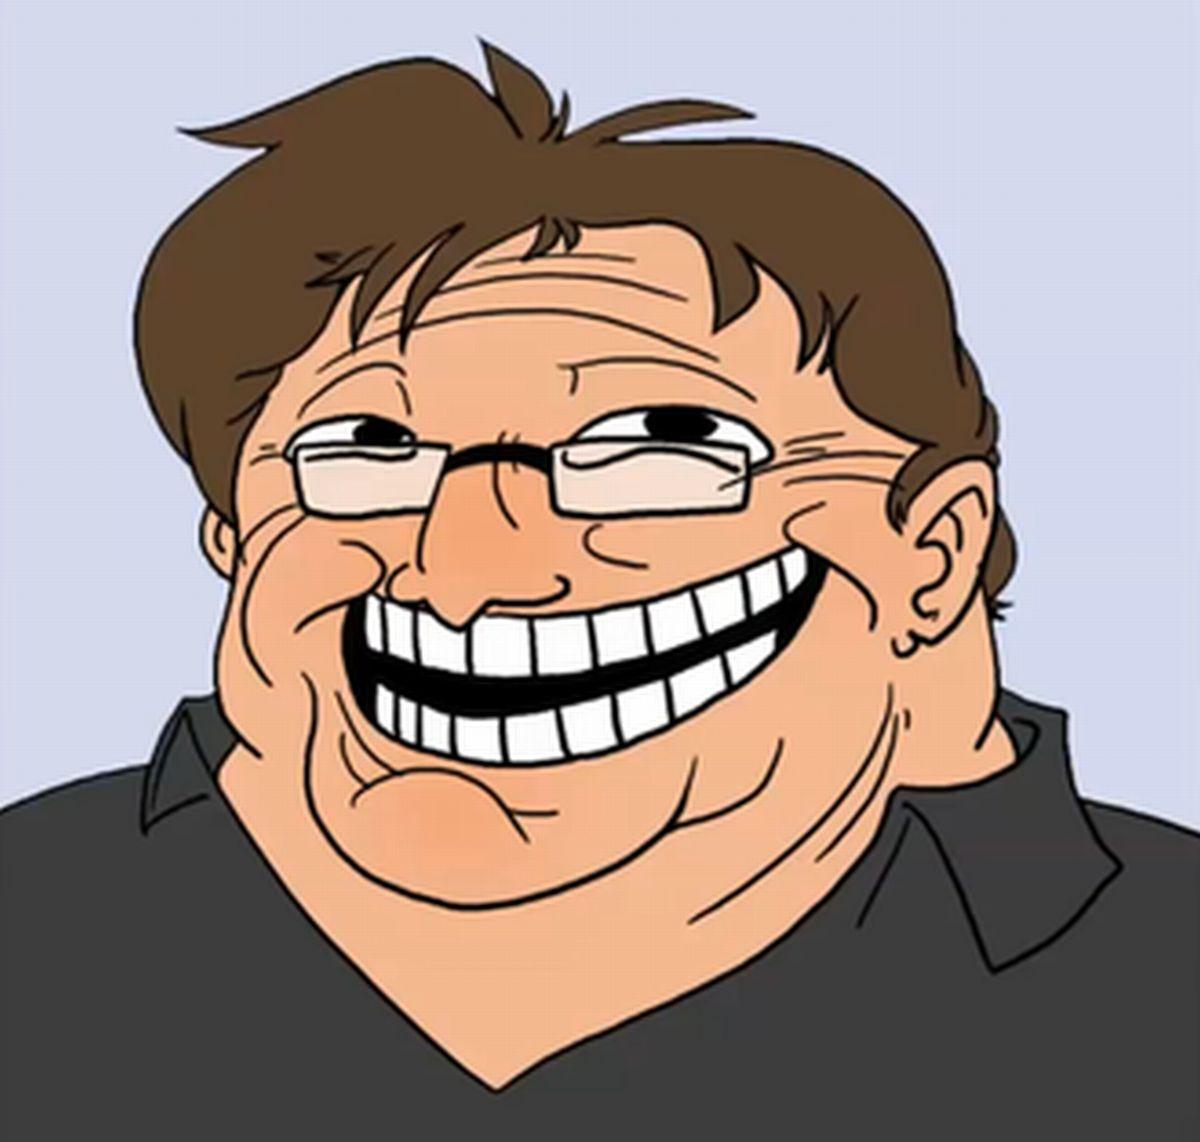 Компания Valve подтвердила, что никаких новых продуктов на E3-2012 анонсировано не будет.   Недавно один из пользова ... - Изображение 1